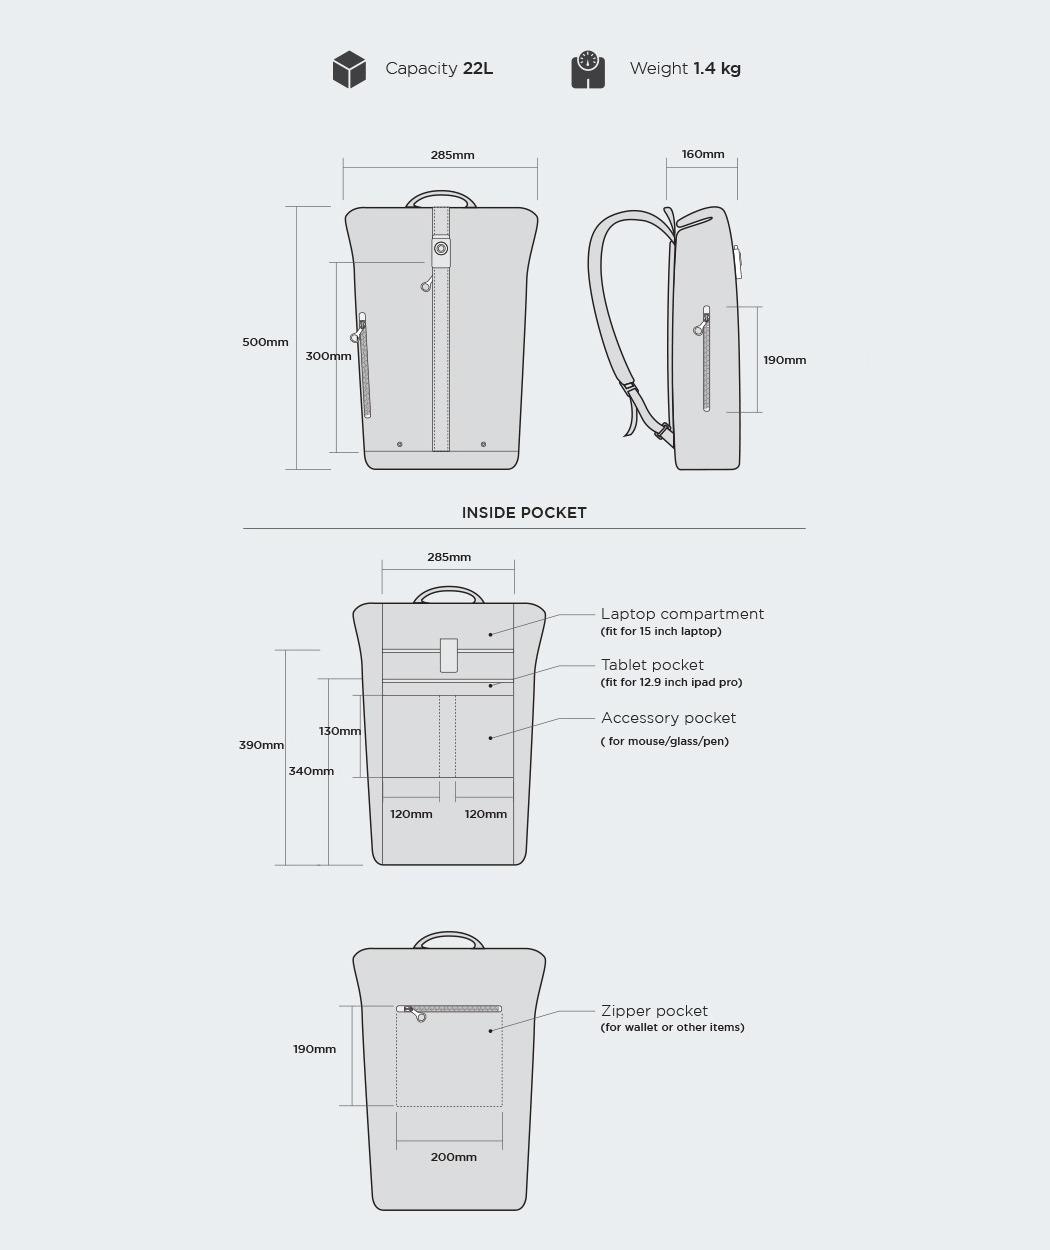 fiets_modular_backpack_11